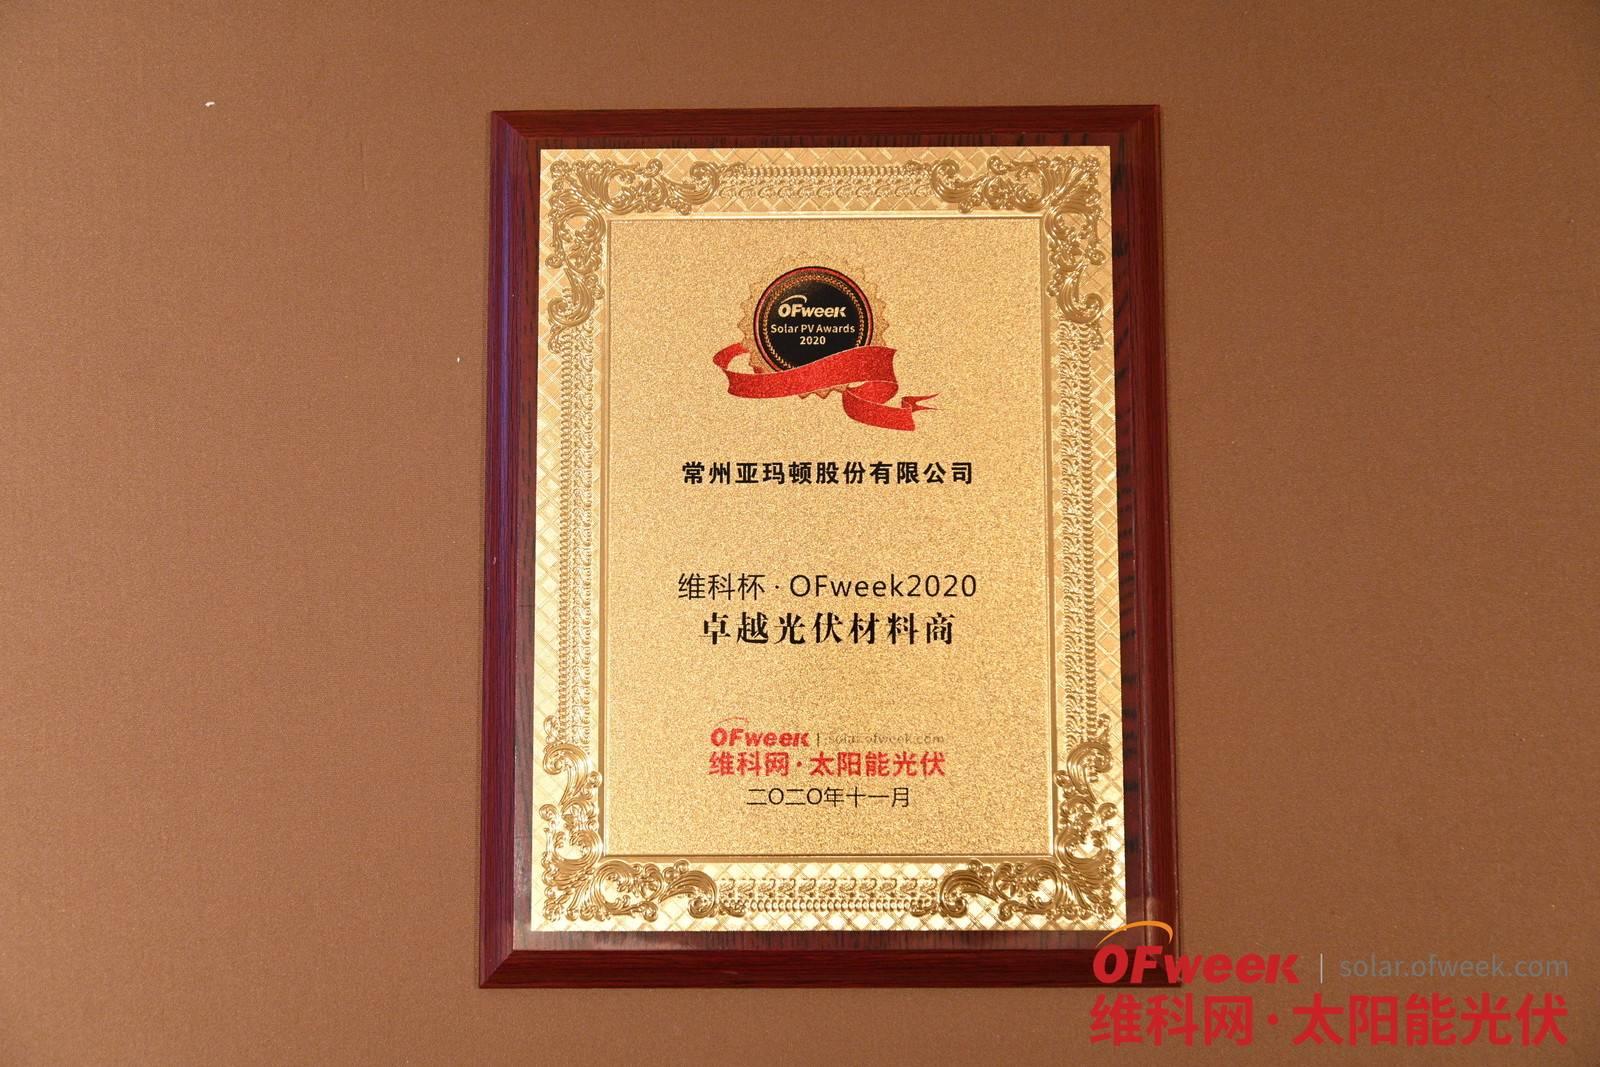 """常州亚玛顿股份有限公司荣获""""维科杯·OFweek 2020卓越光伏材料商""""奖"""